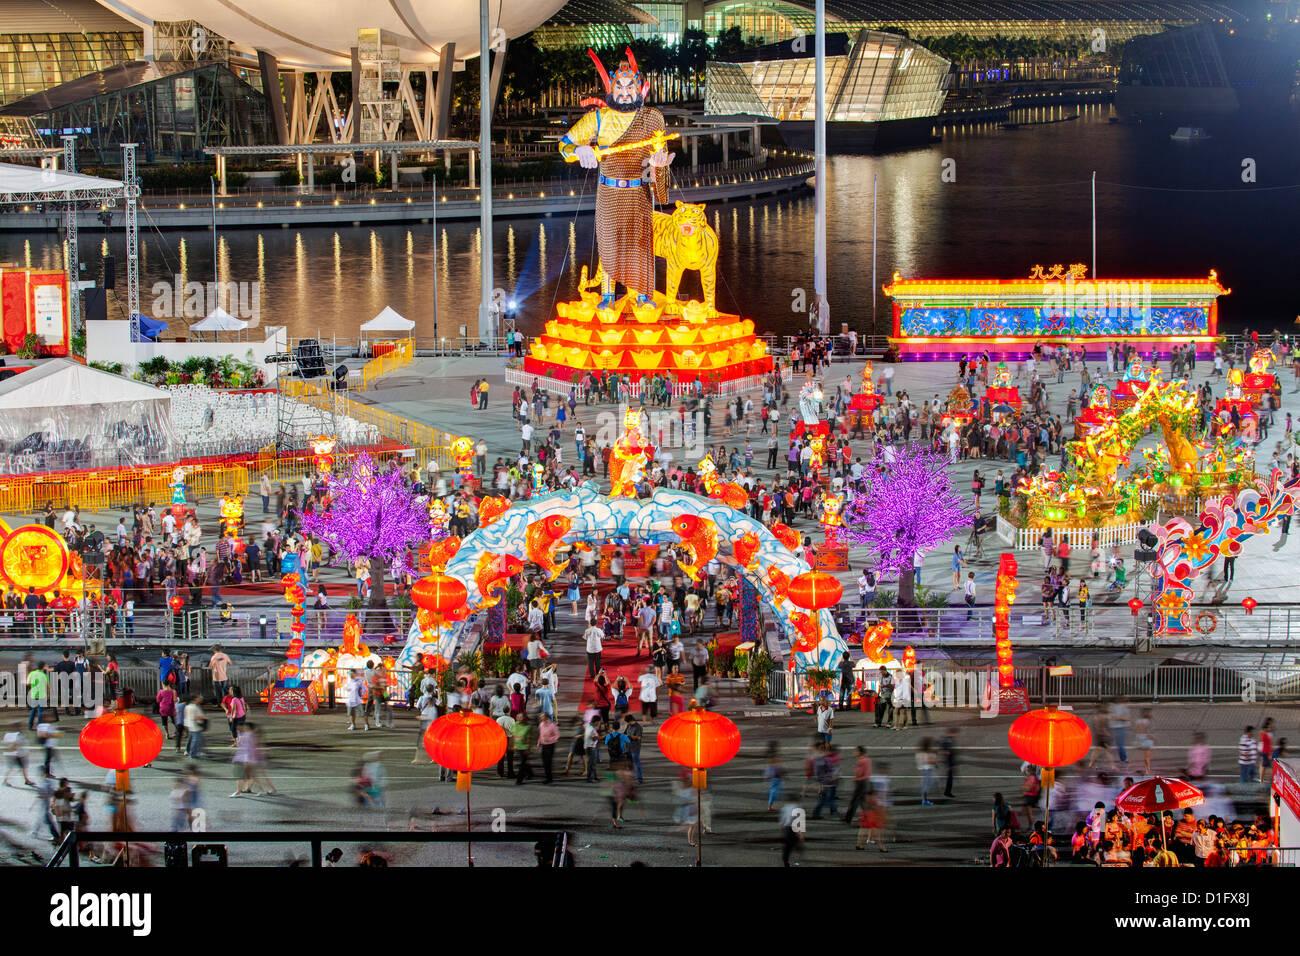 River Hongbao Dekorationen für Chinese New Year Feiern am Marina Bay, Singapur, Südostasien, Asien Stockbild